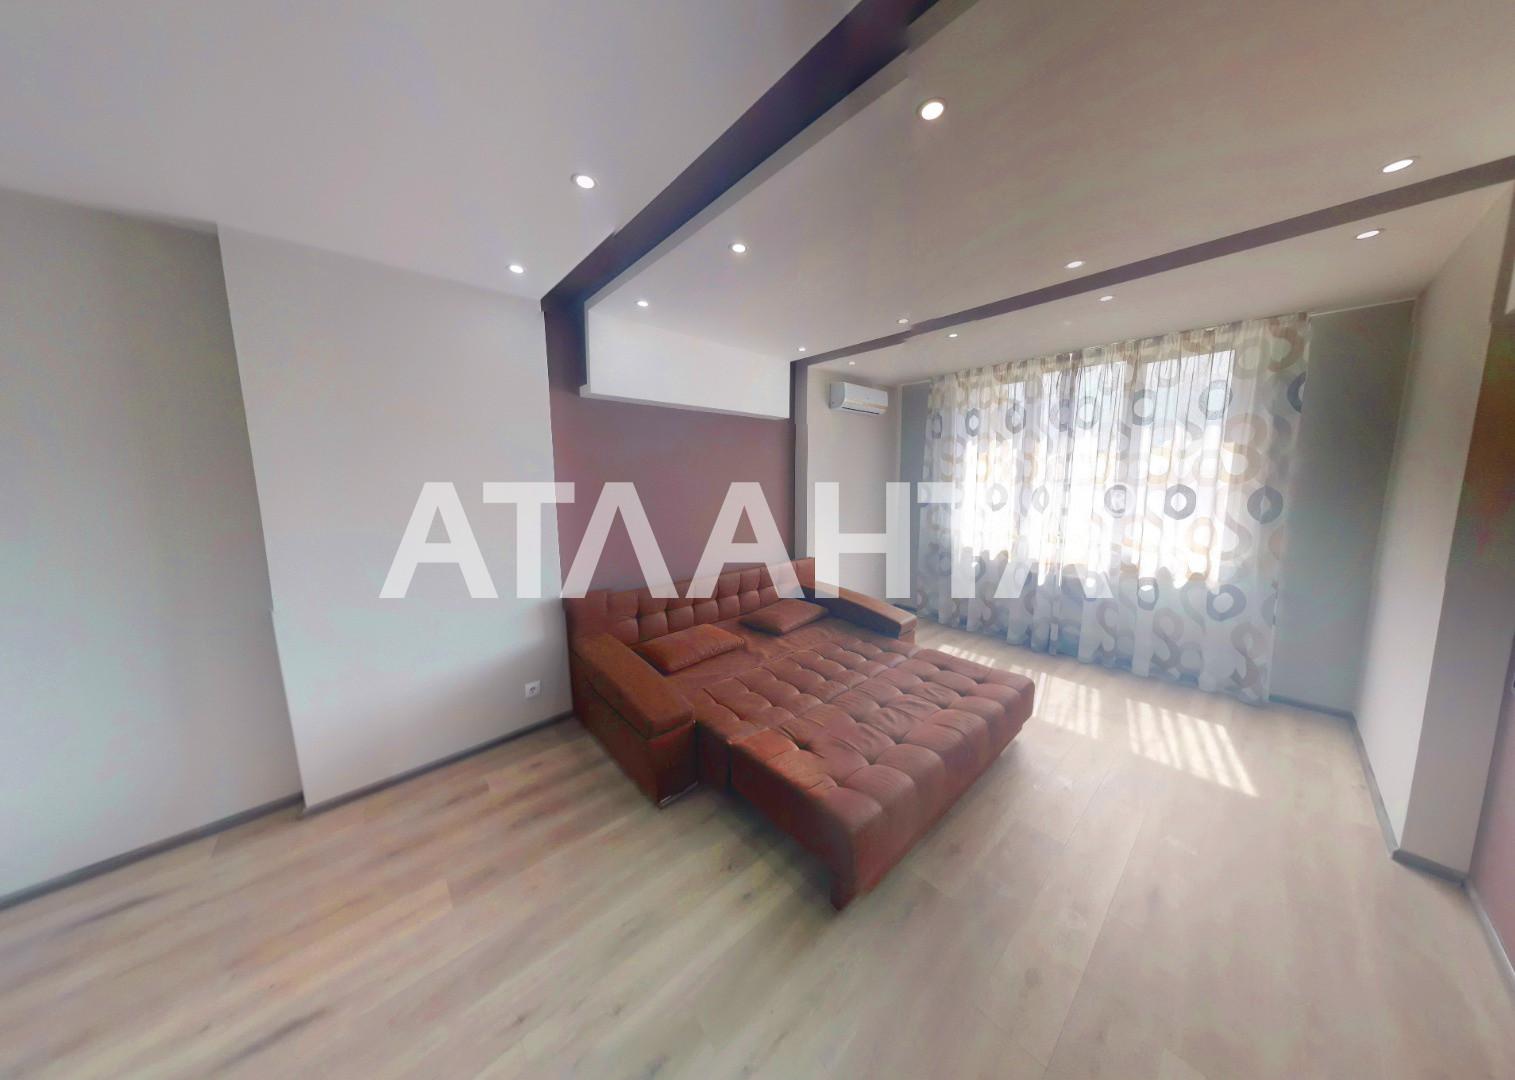 Продается 2-комнатная Квартира на ул. Ул. Вильямса — 130 000 у.е. (фото №18)